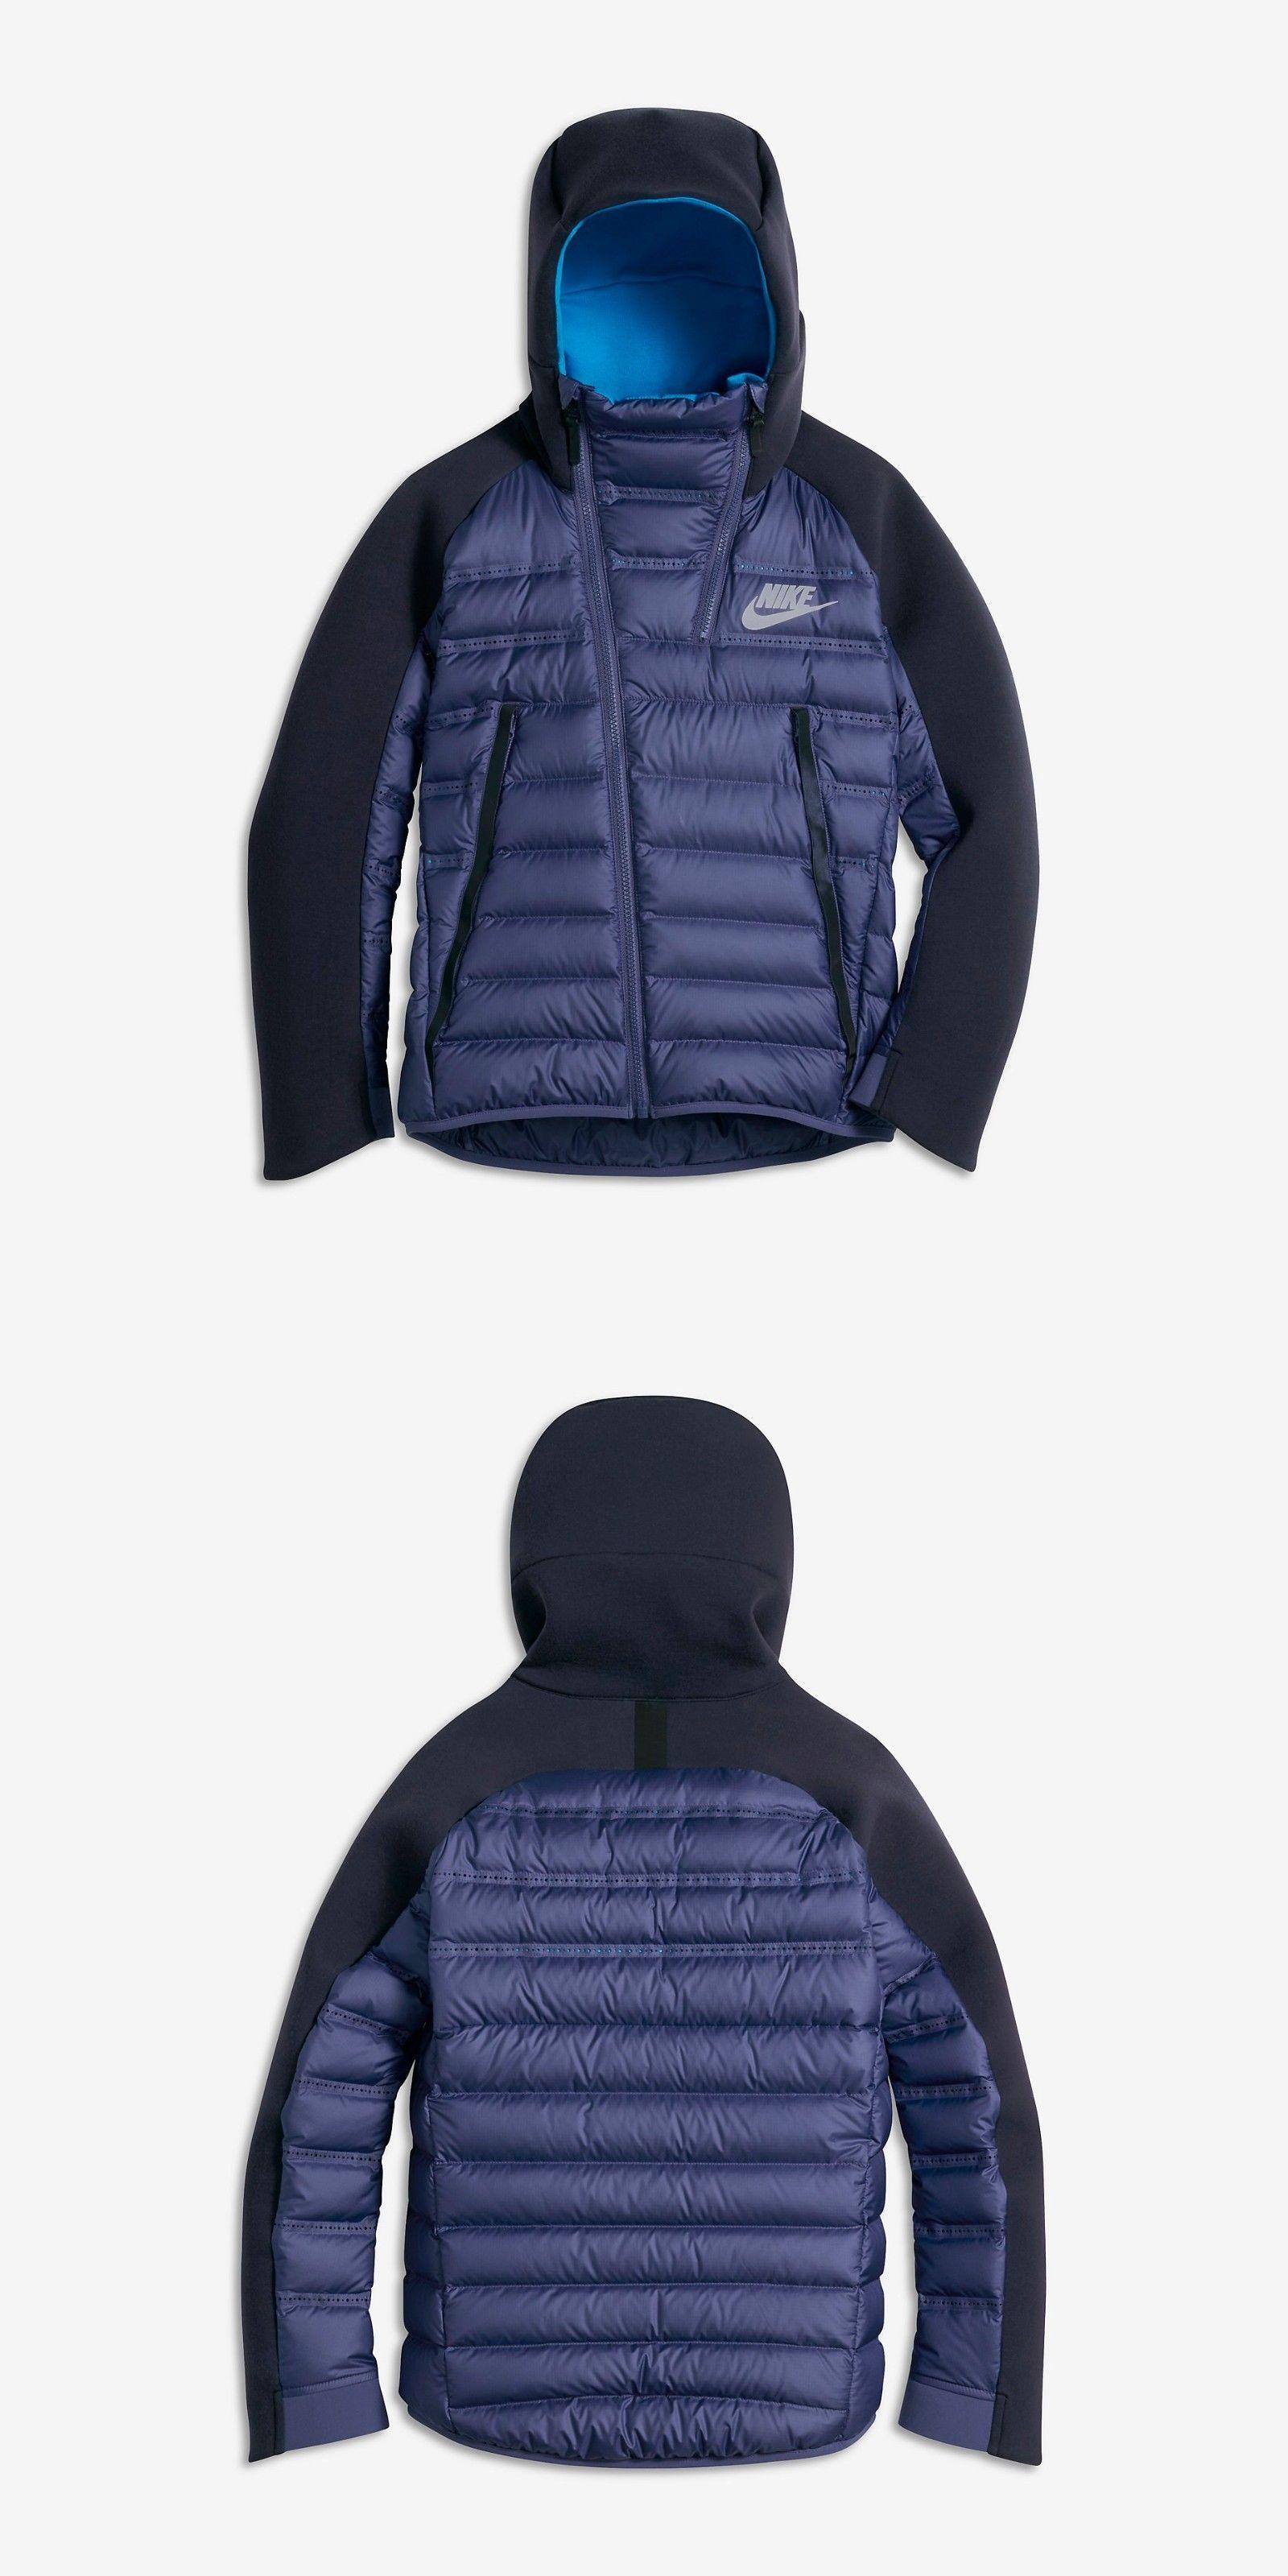 5b2f3dd0007d Sweatshirts and Hoodies 57916  Nike Sportswear Tech Fleece Aeroloft Jacket  Dark Purple 804969-508 Boys Sz Large -  BUY IT NOW ONLY   109.95 on eBay!